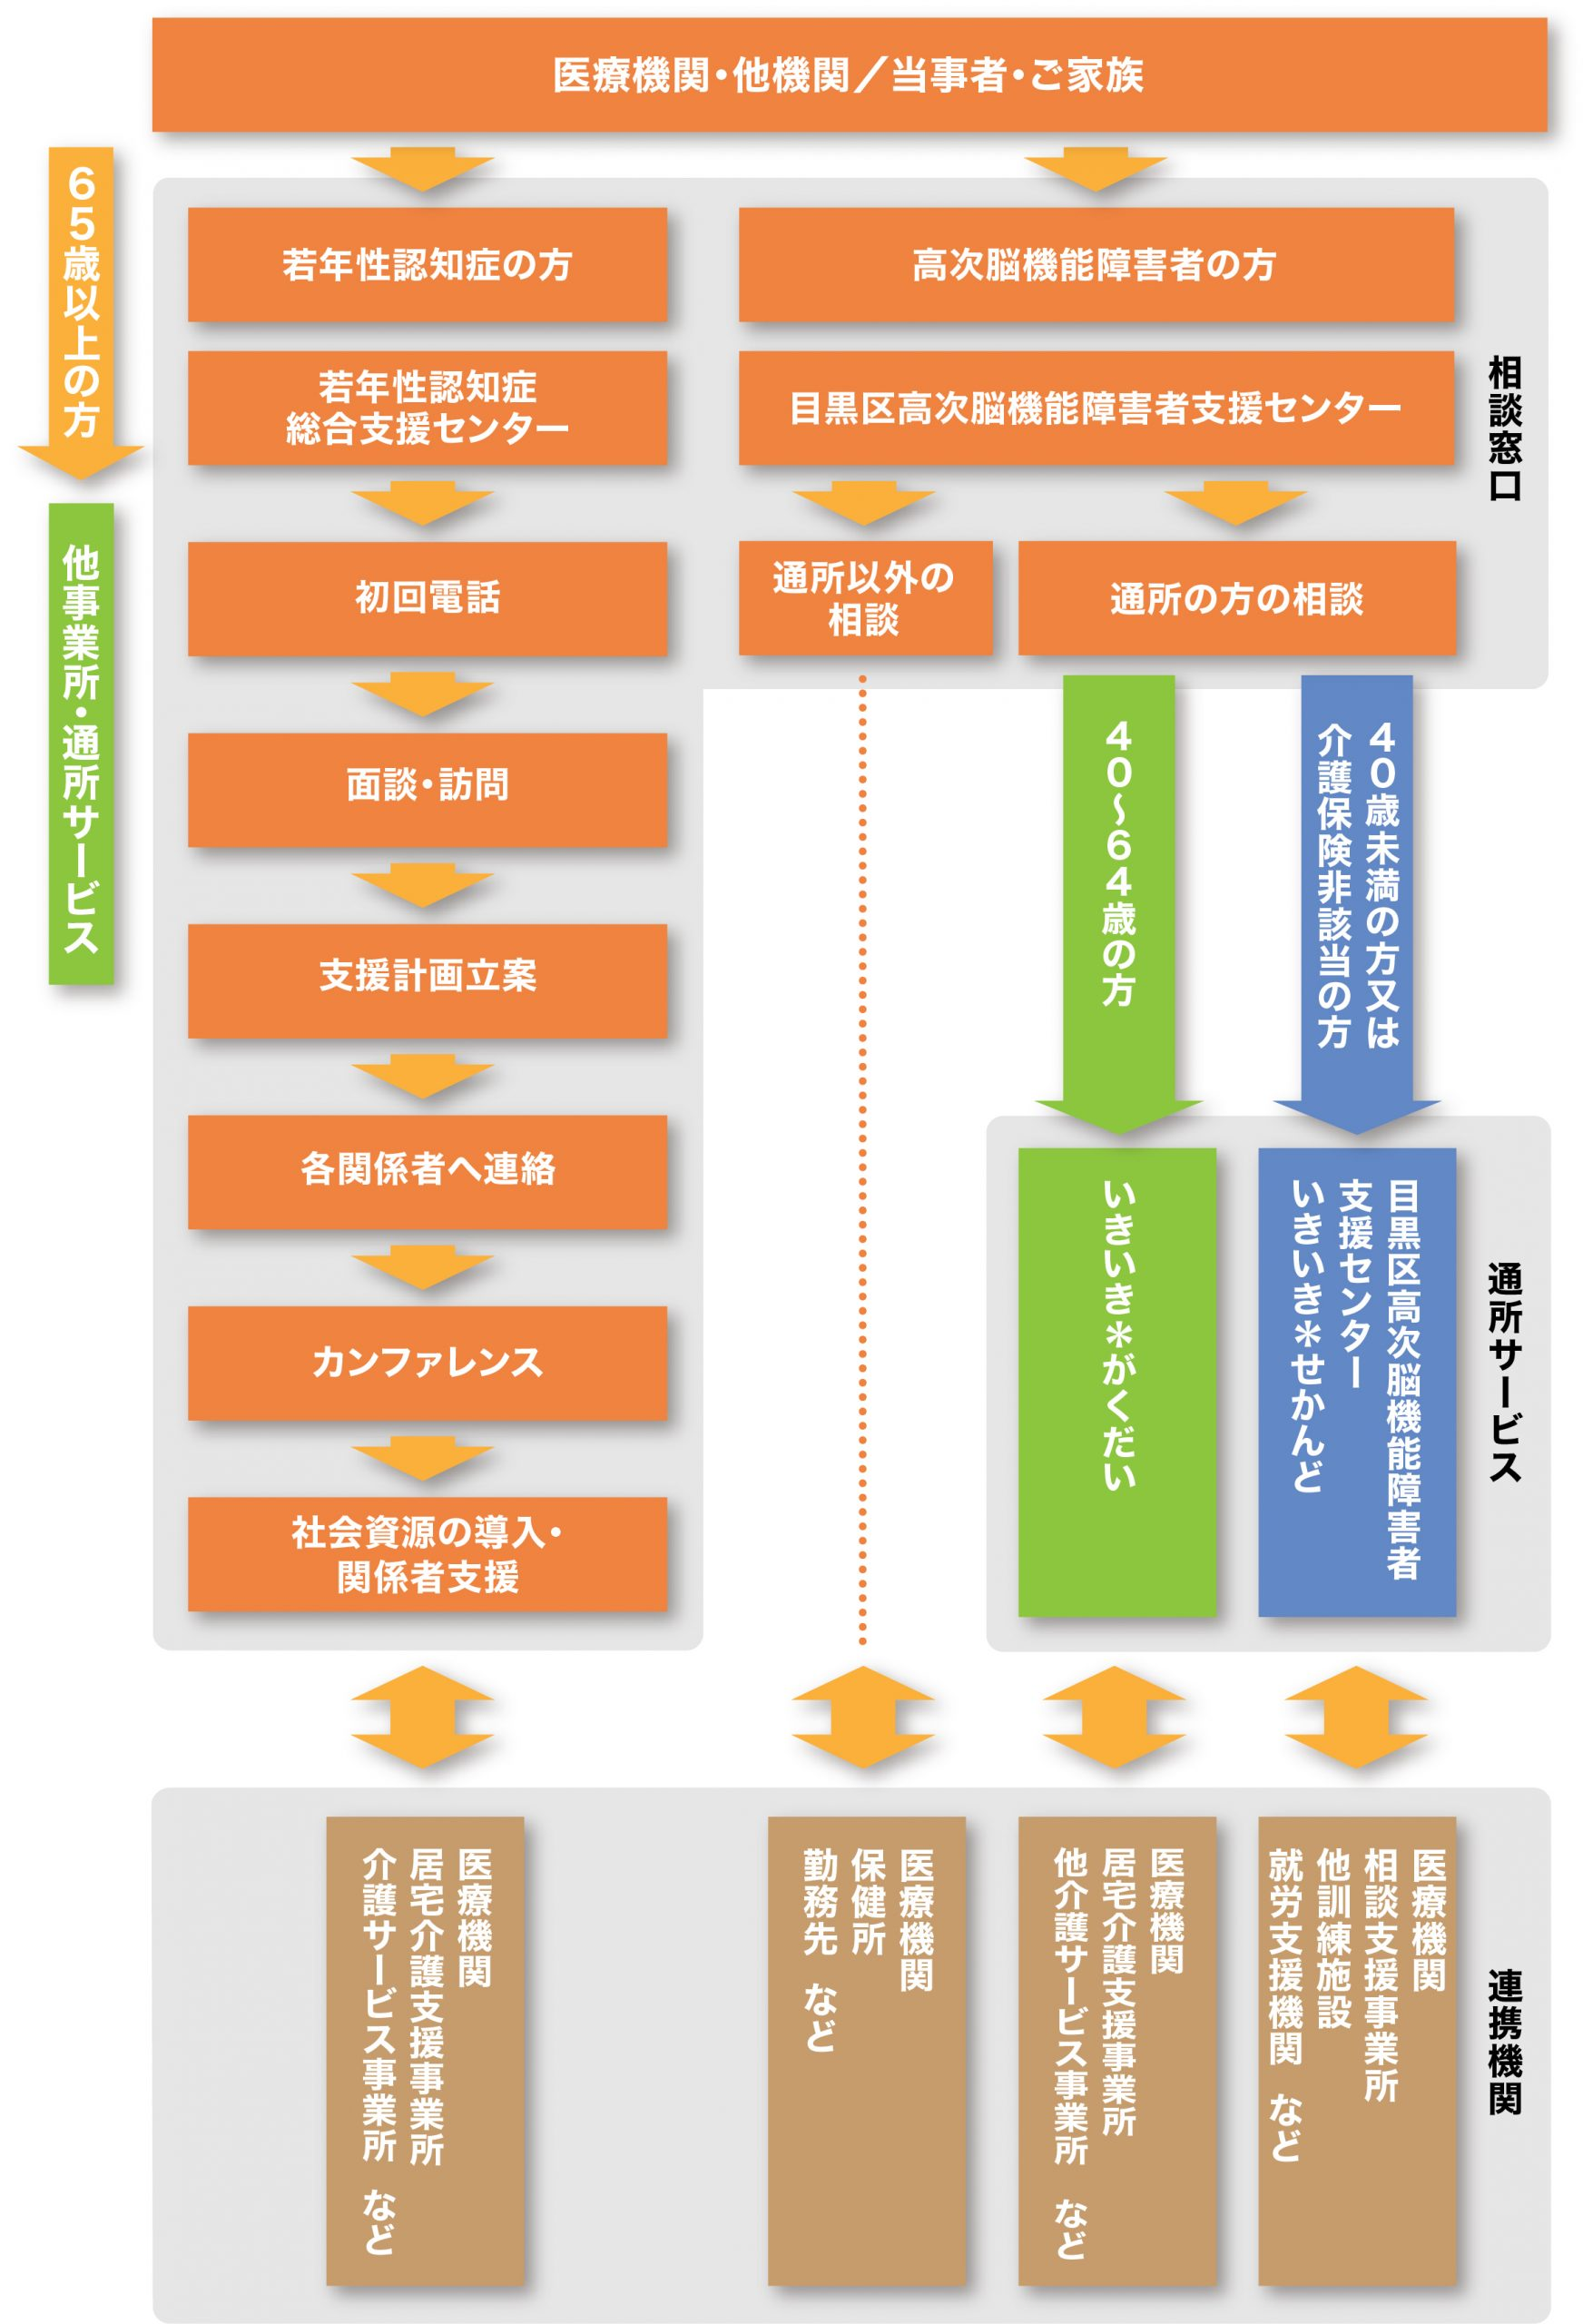 いきいき福祉ネットワークセンター相談窓口とサービスの利用方法・他機関との連携説明画像